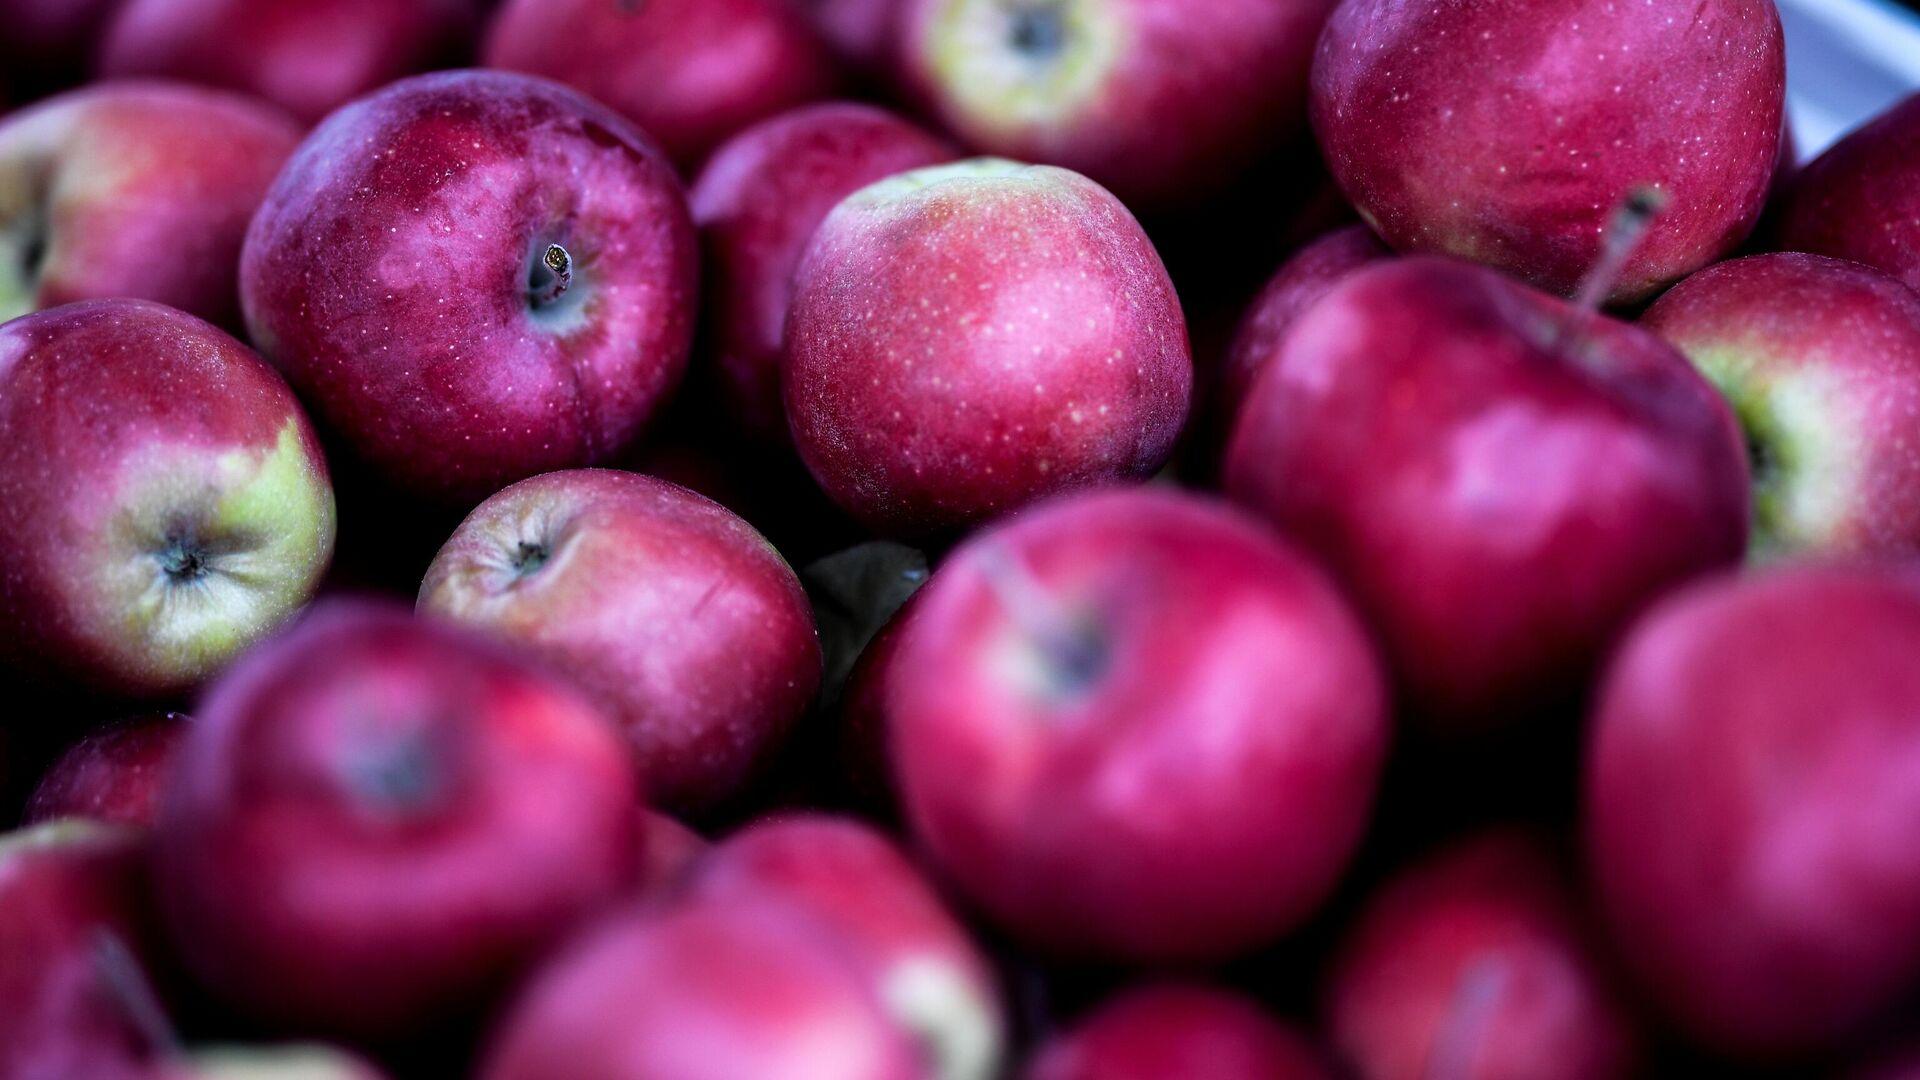 Äpfel (Symbolbild) - SNA, 1920, 27.09.2021